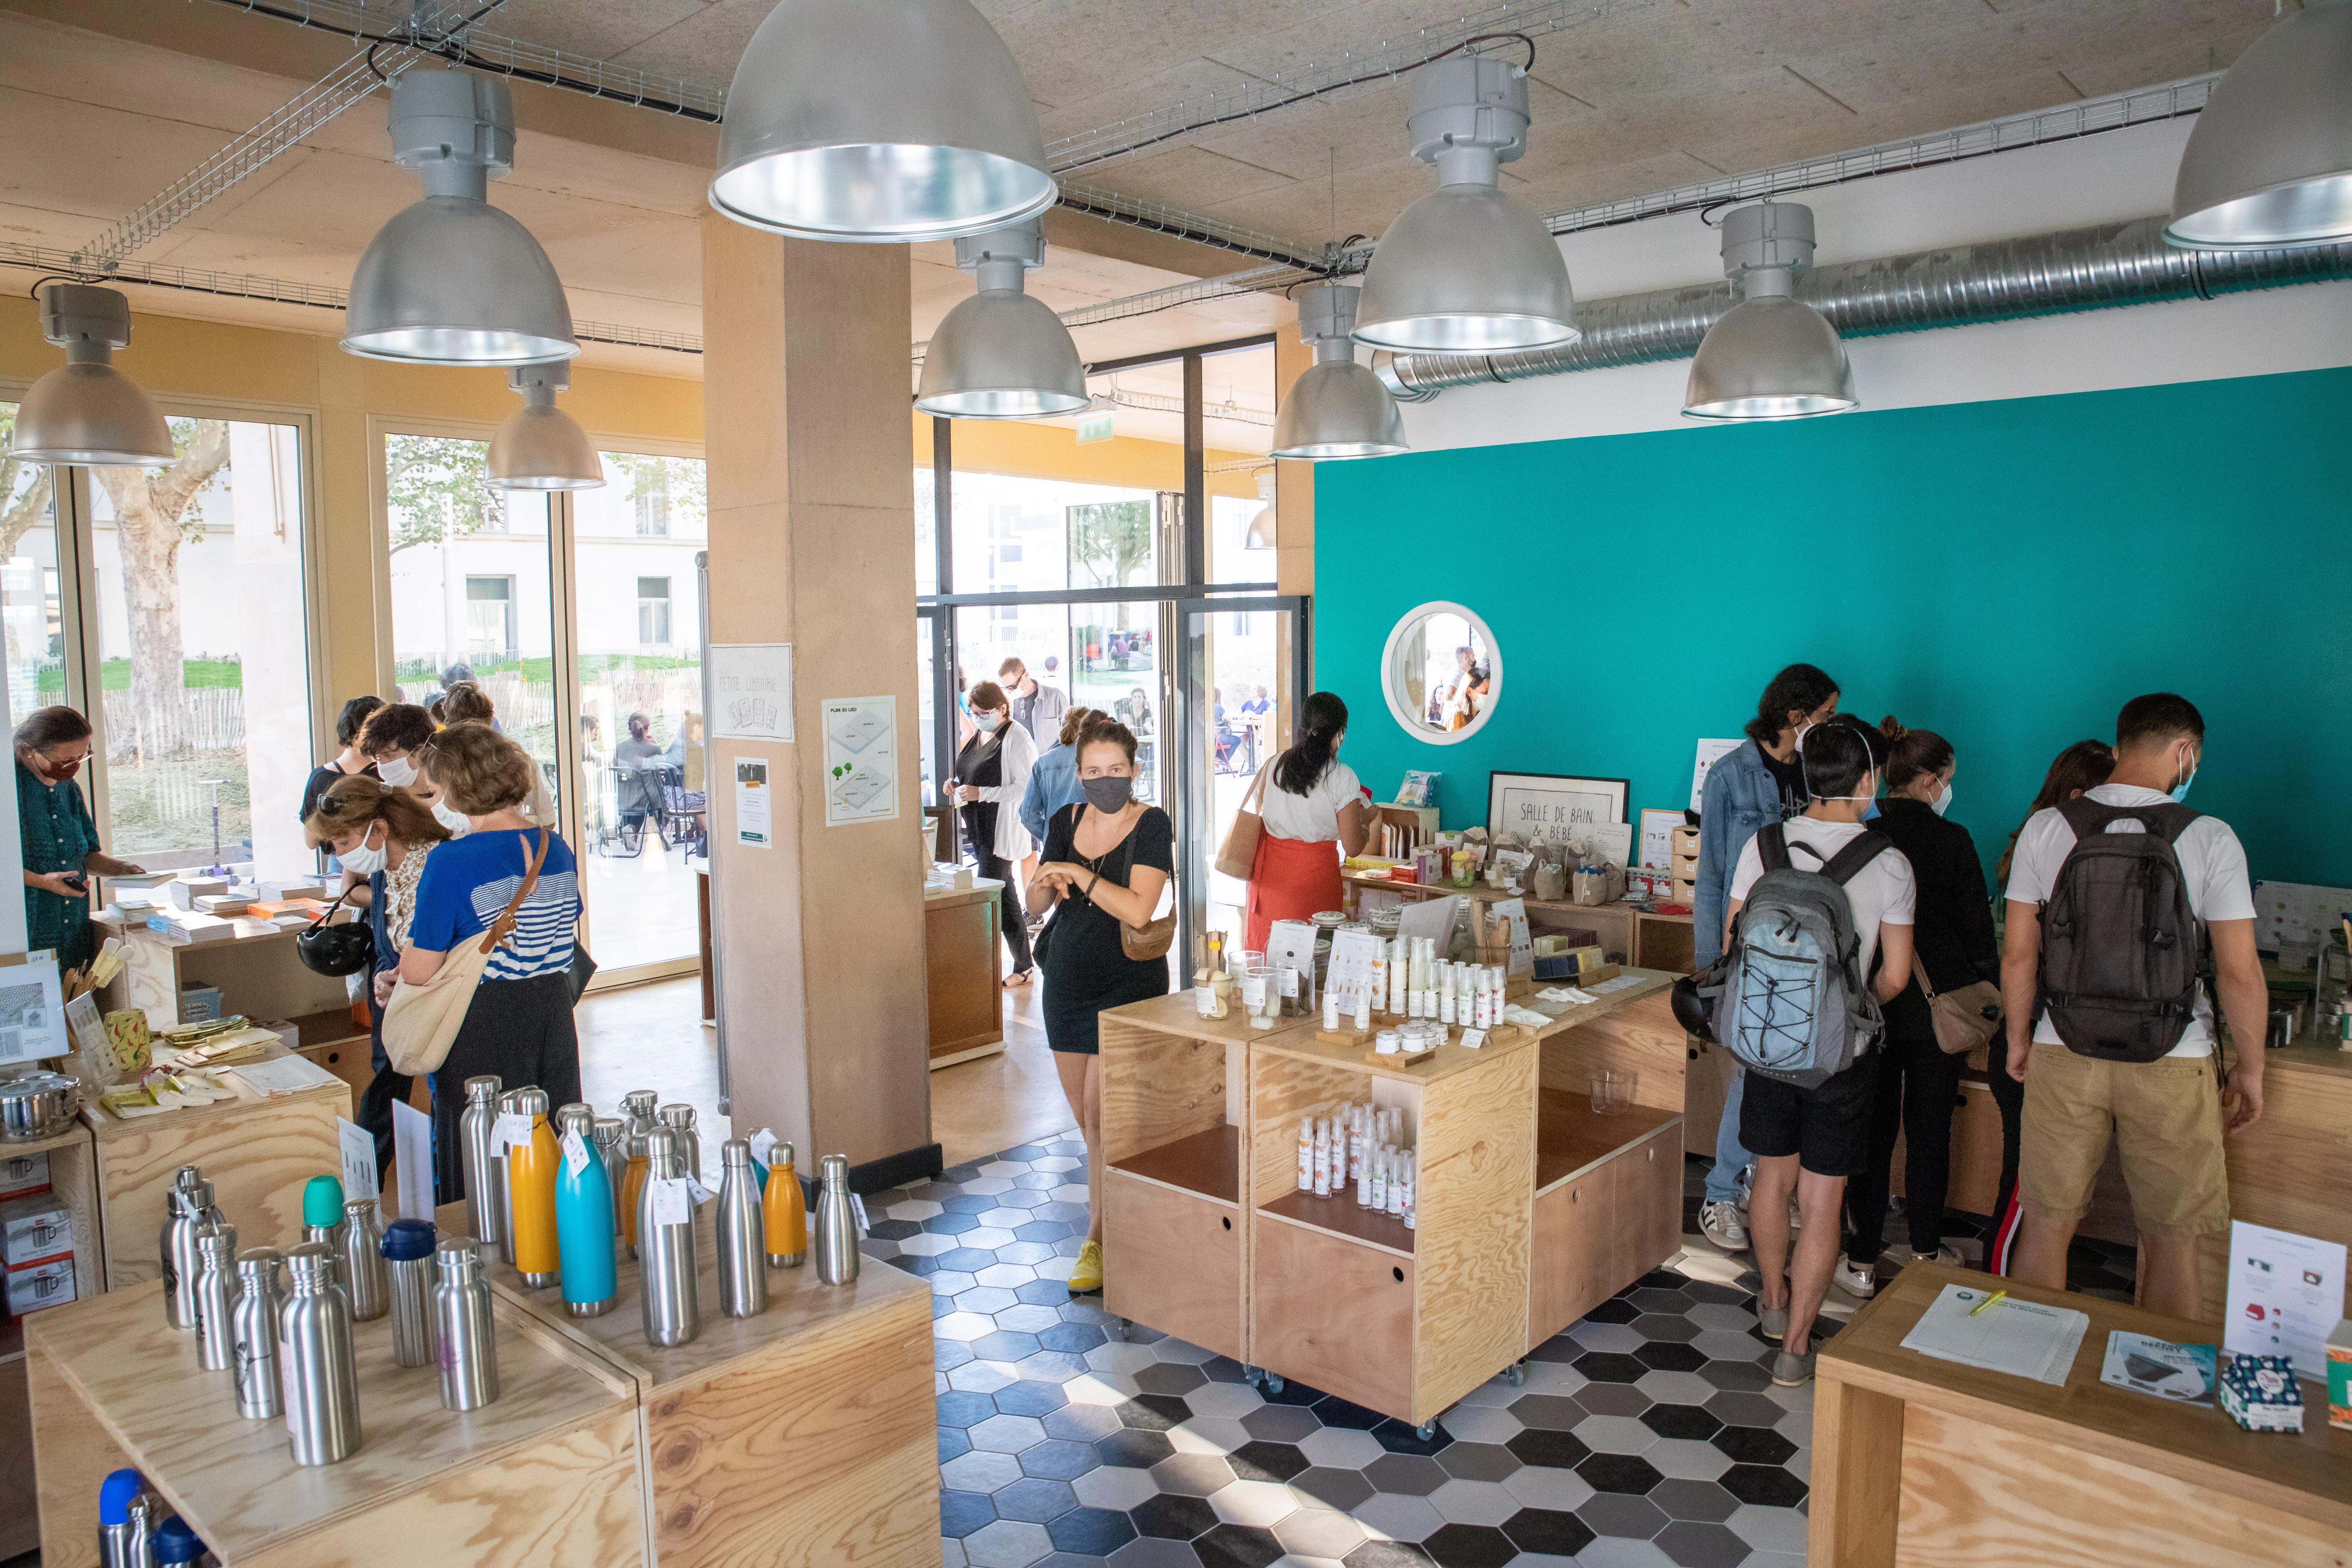 Intérieur de la boutique de la Maison du Zéro Déchet, présentant tous les produits durables, avec quelques visiteurs et visiteuses